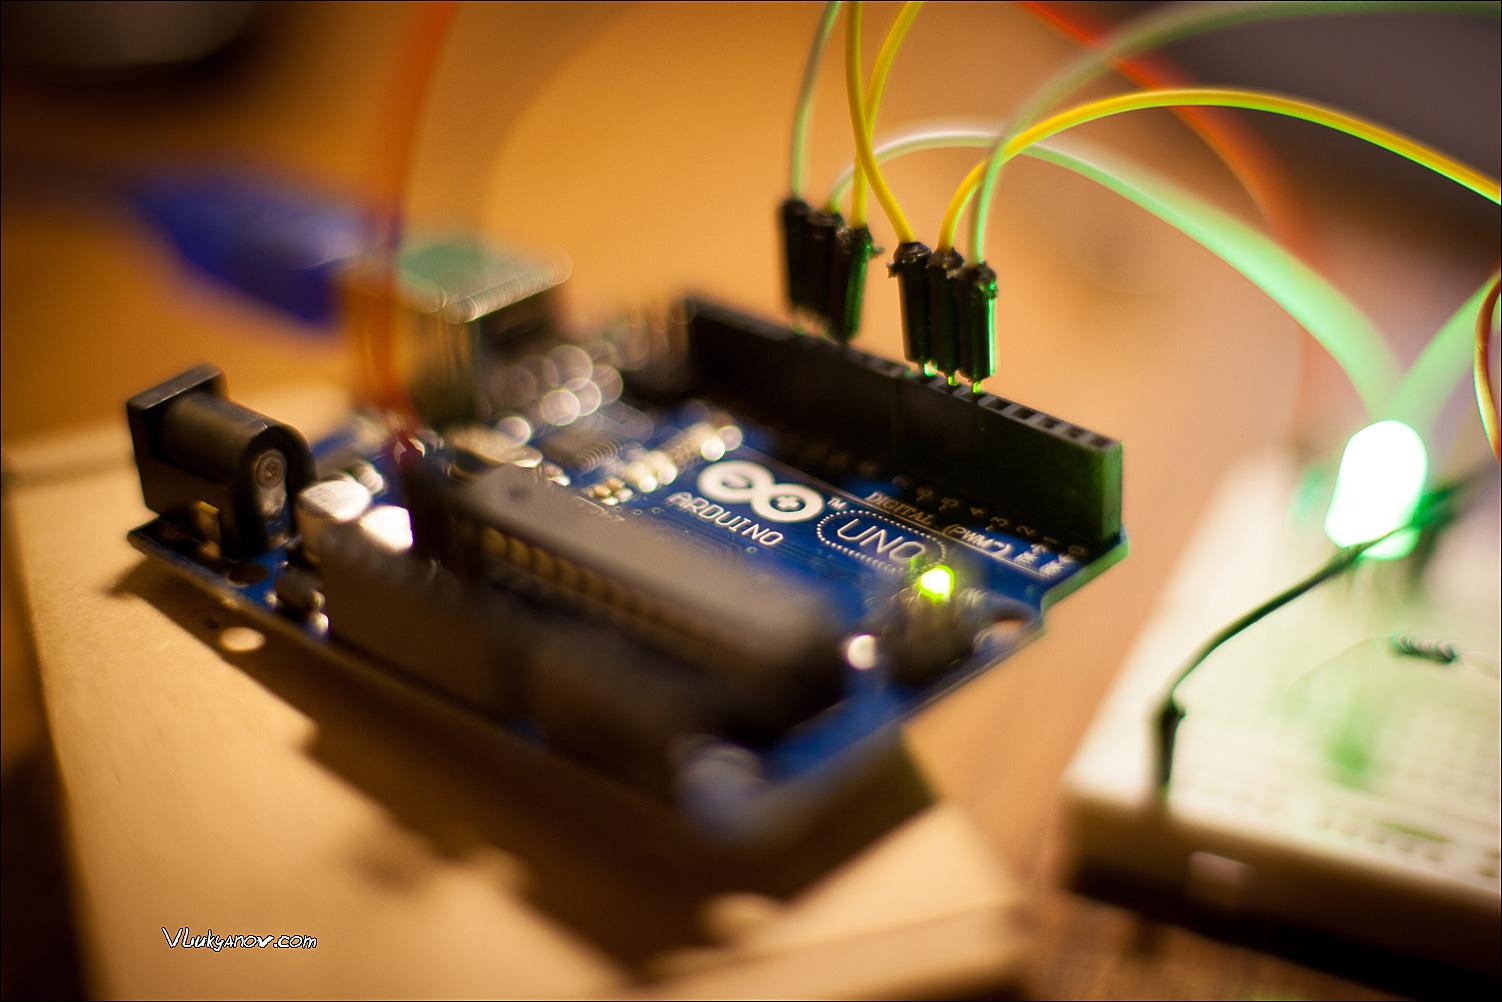 Блог о компьютерах  и компьютерной технике, Москва, Владимир Лукьянов, Arduino